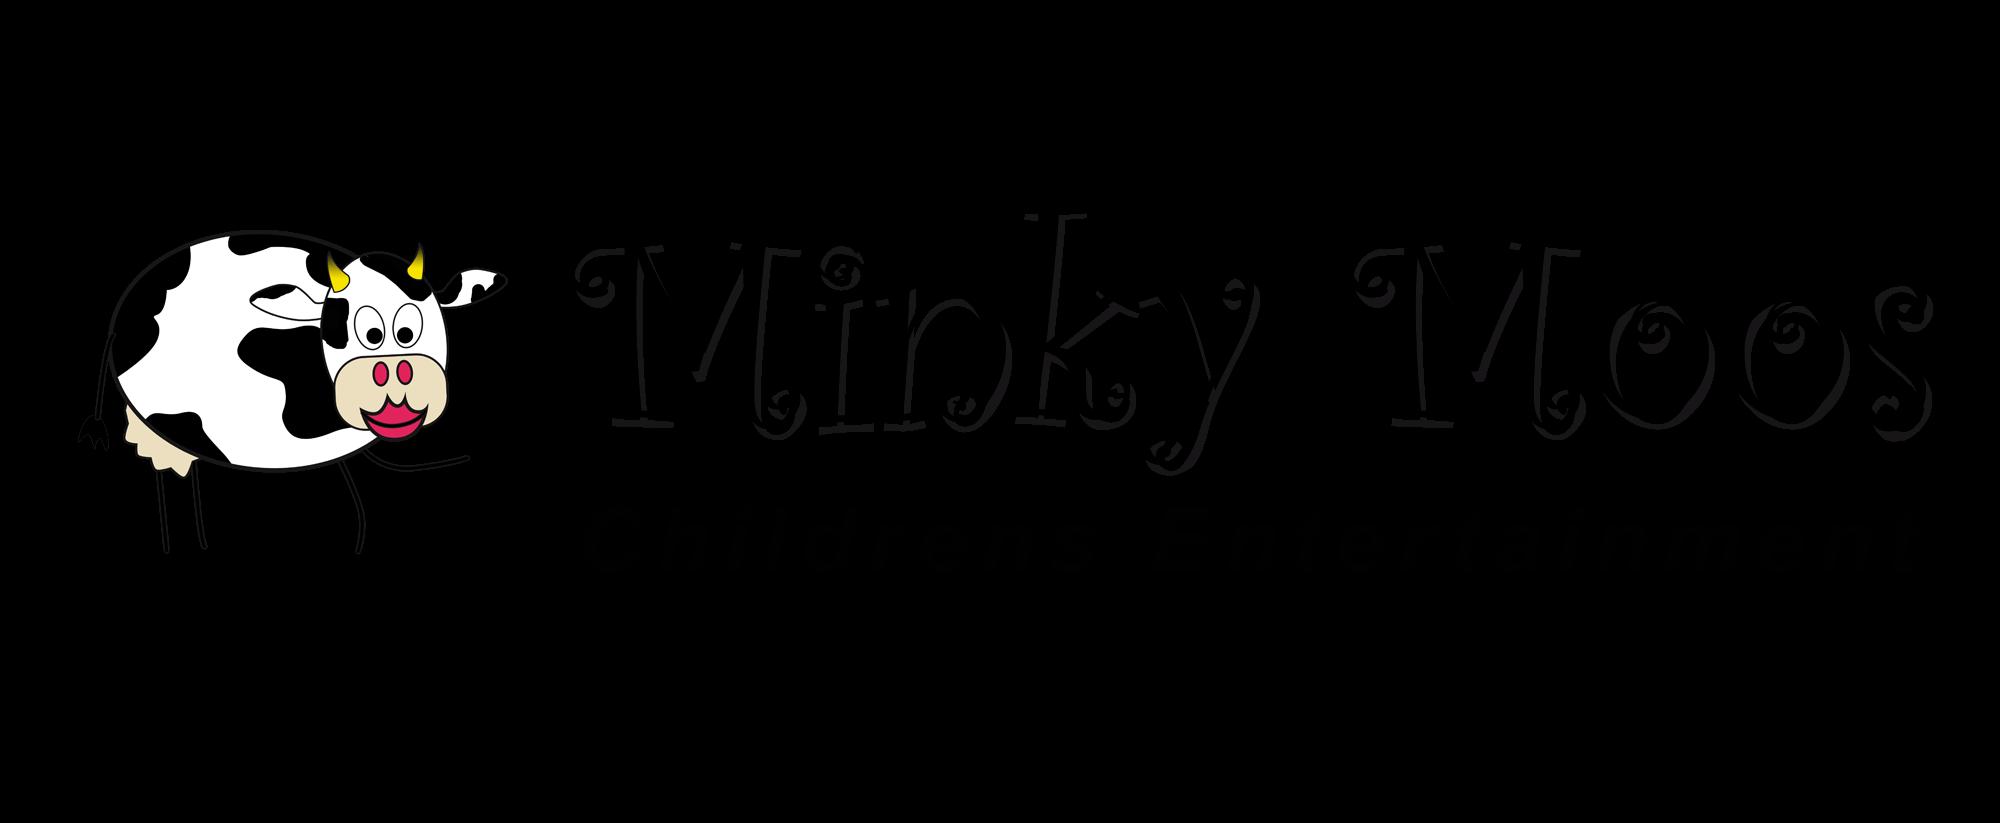 minky moos logo.png